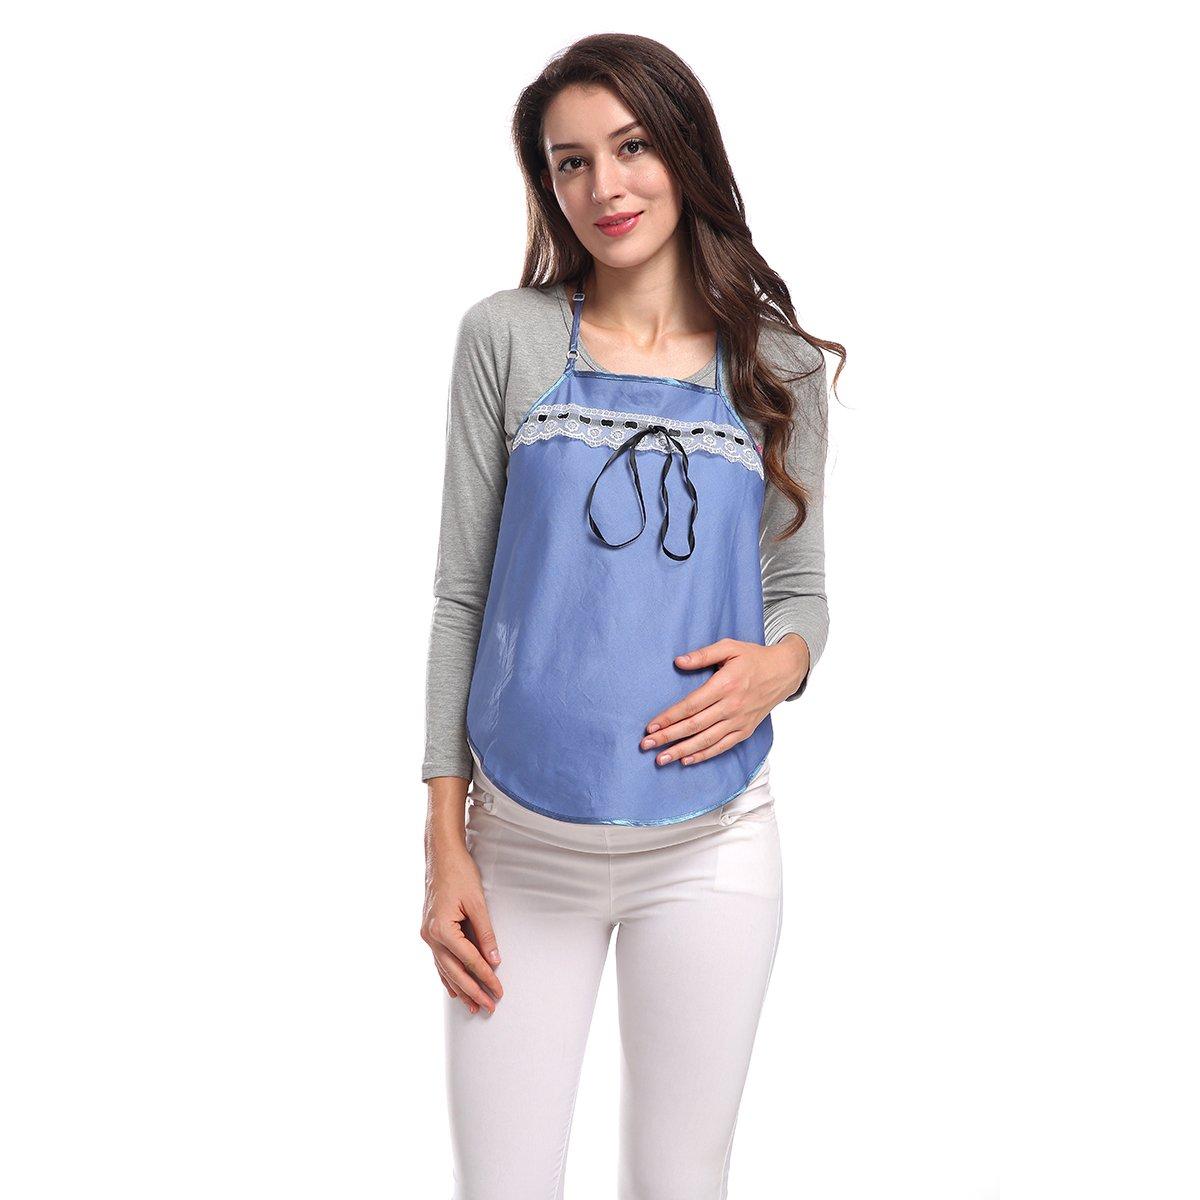 Fibra di metallo anti-radiazioni maternità vestiti Camisole serbatoio grembiule SH003